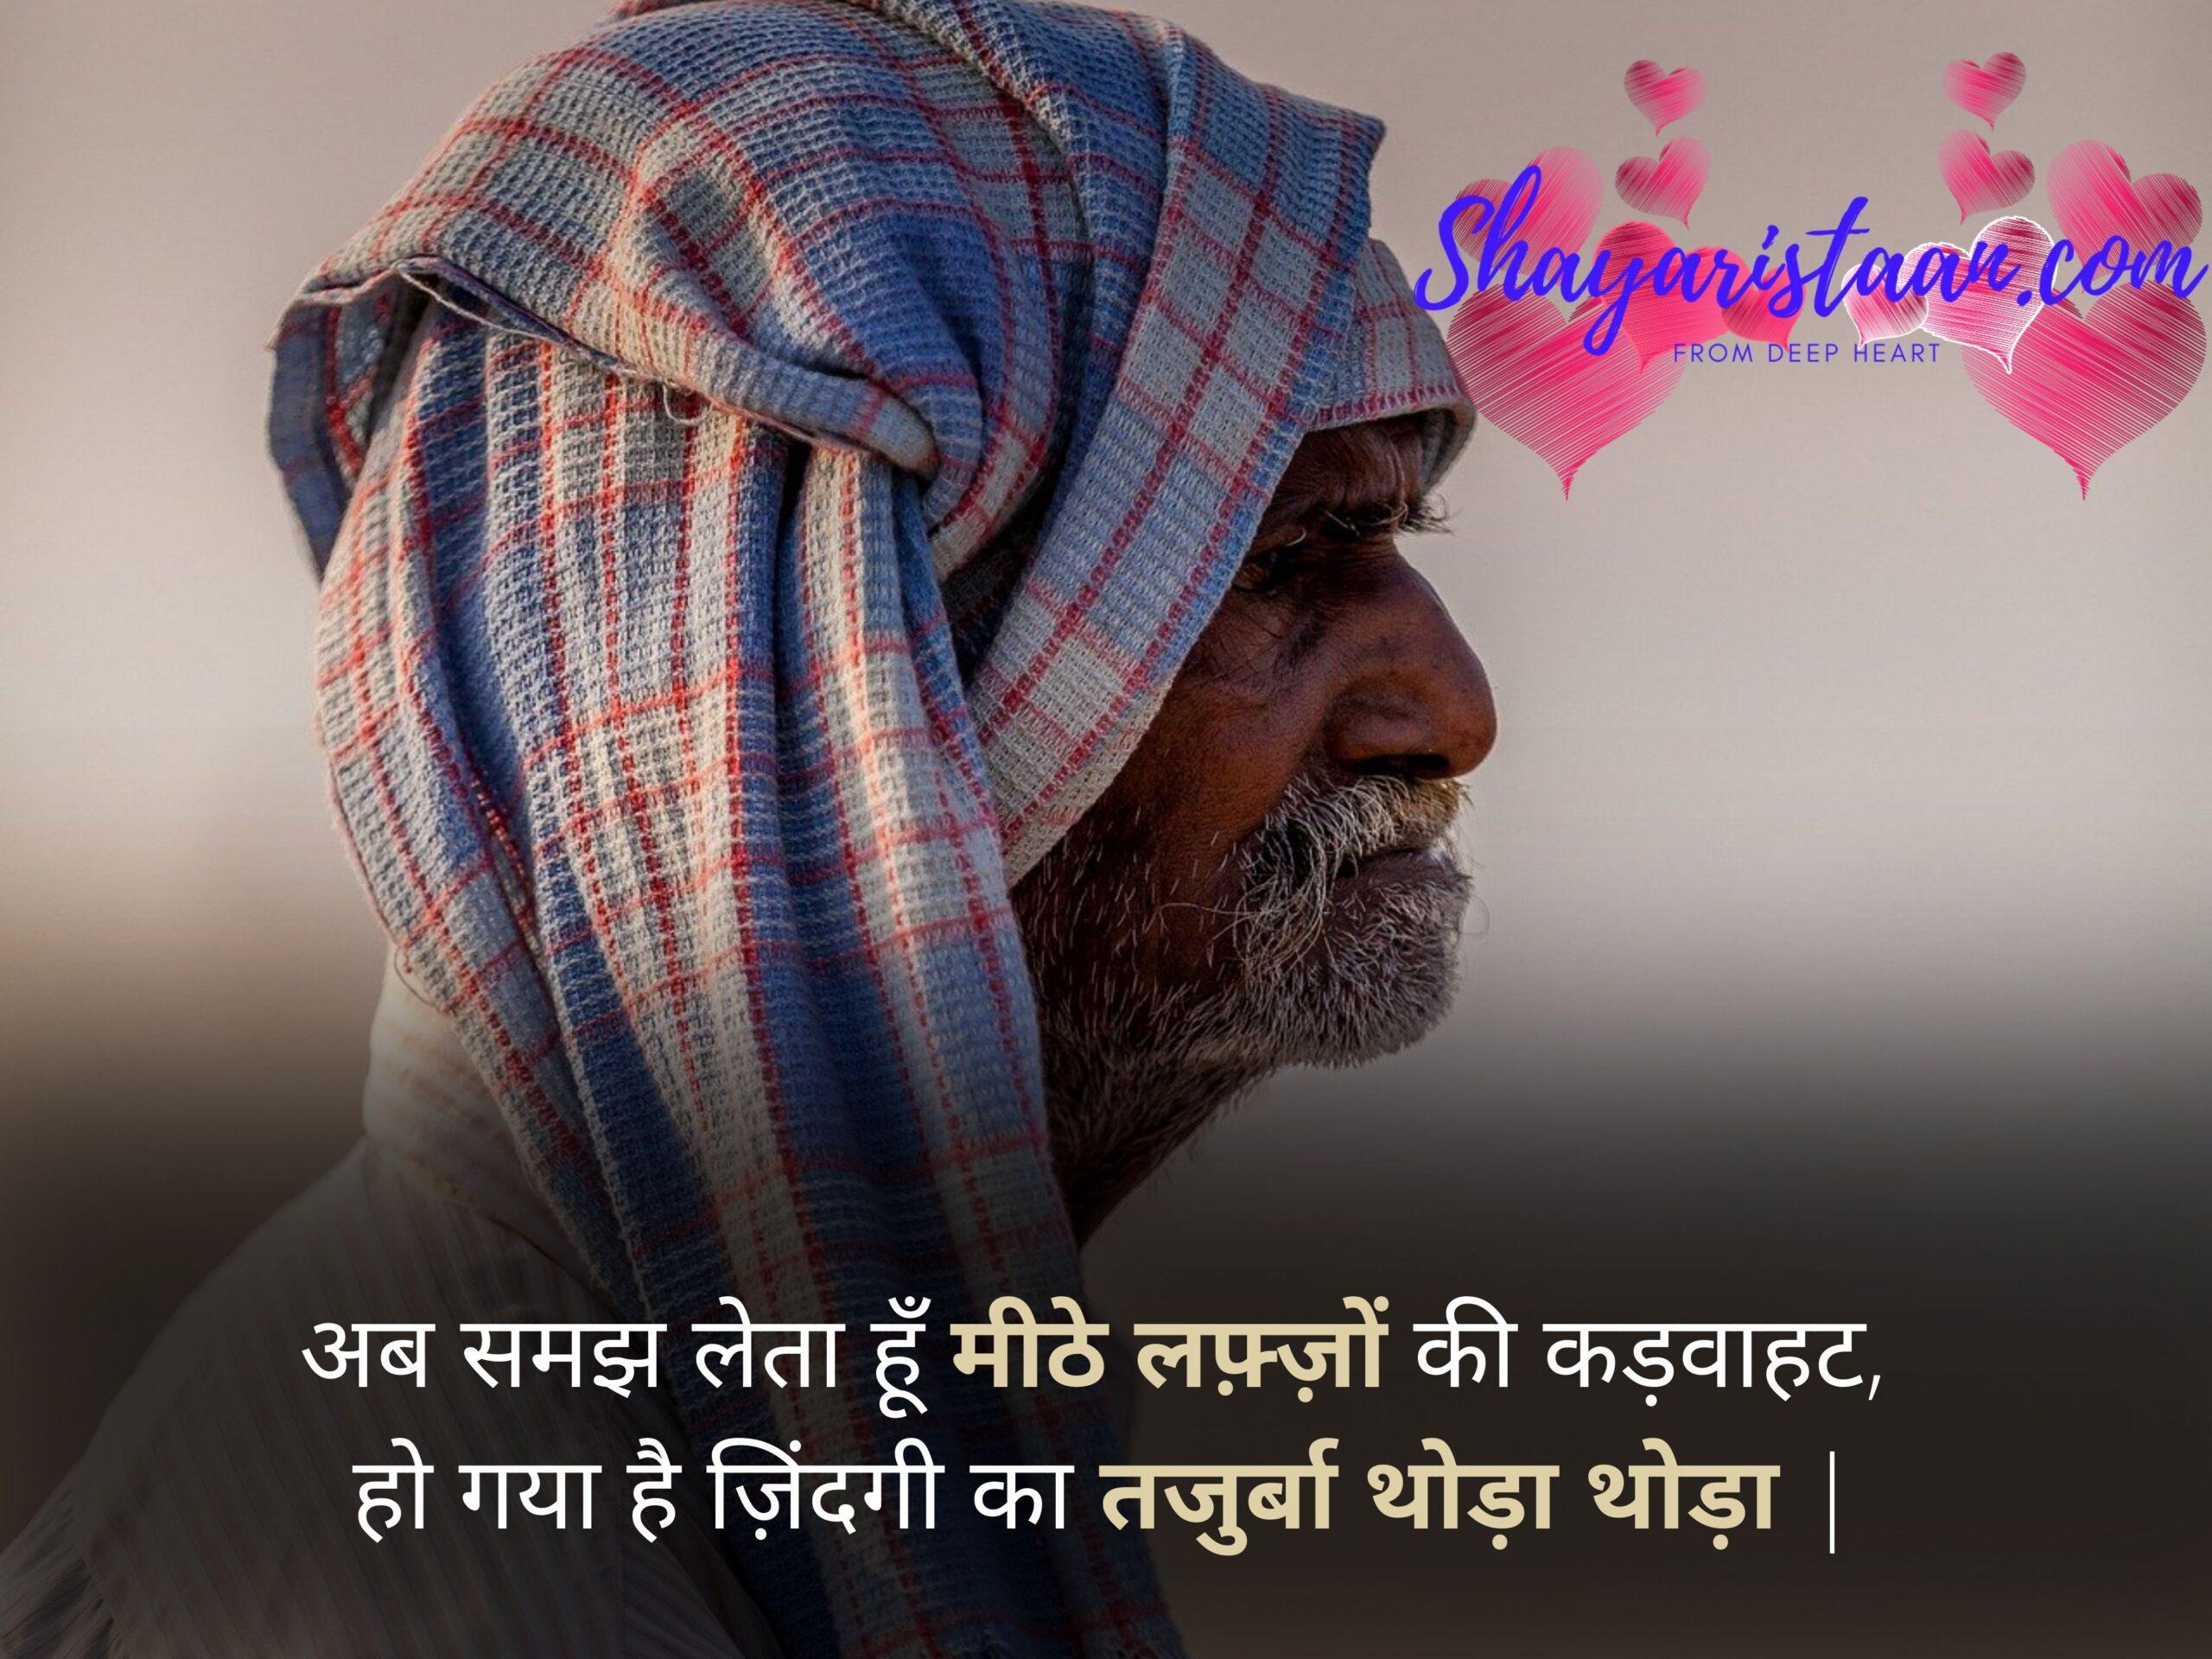 zindagi shayari in hindi | अब समझ लेता हूँ मीठे लफ़्ज़ों की कड़वाहट, हो गया है ज़िंदगी का तजुर्बा थोड़ा थोड़ा |